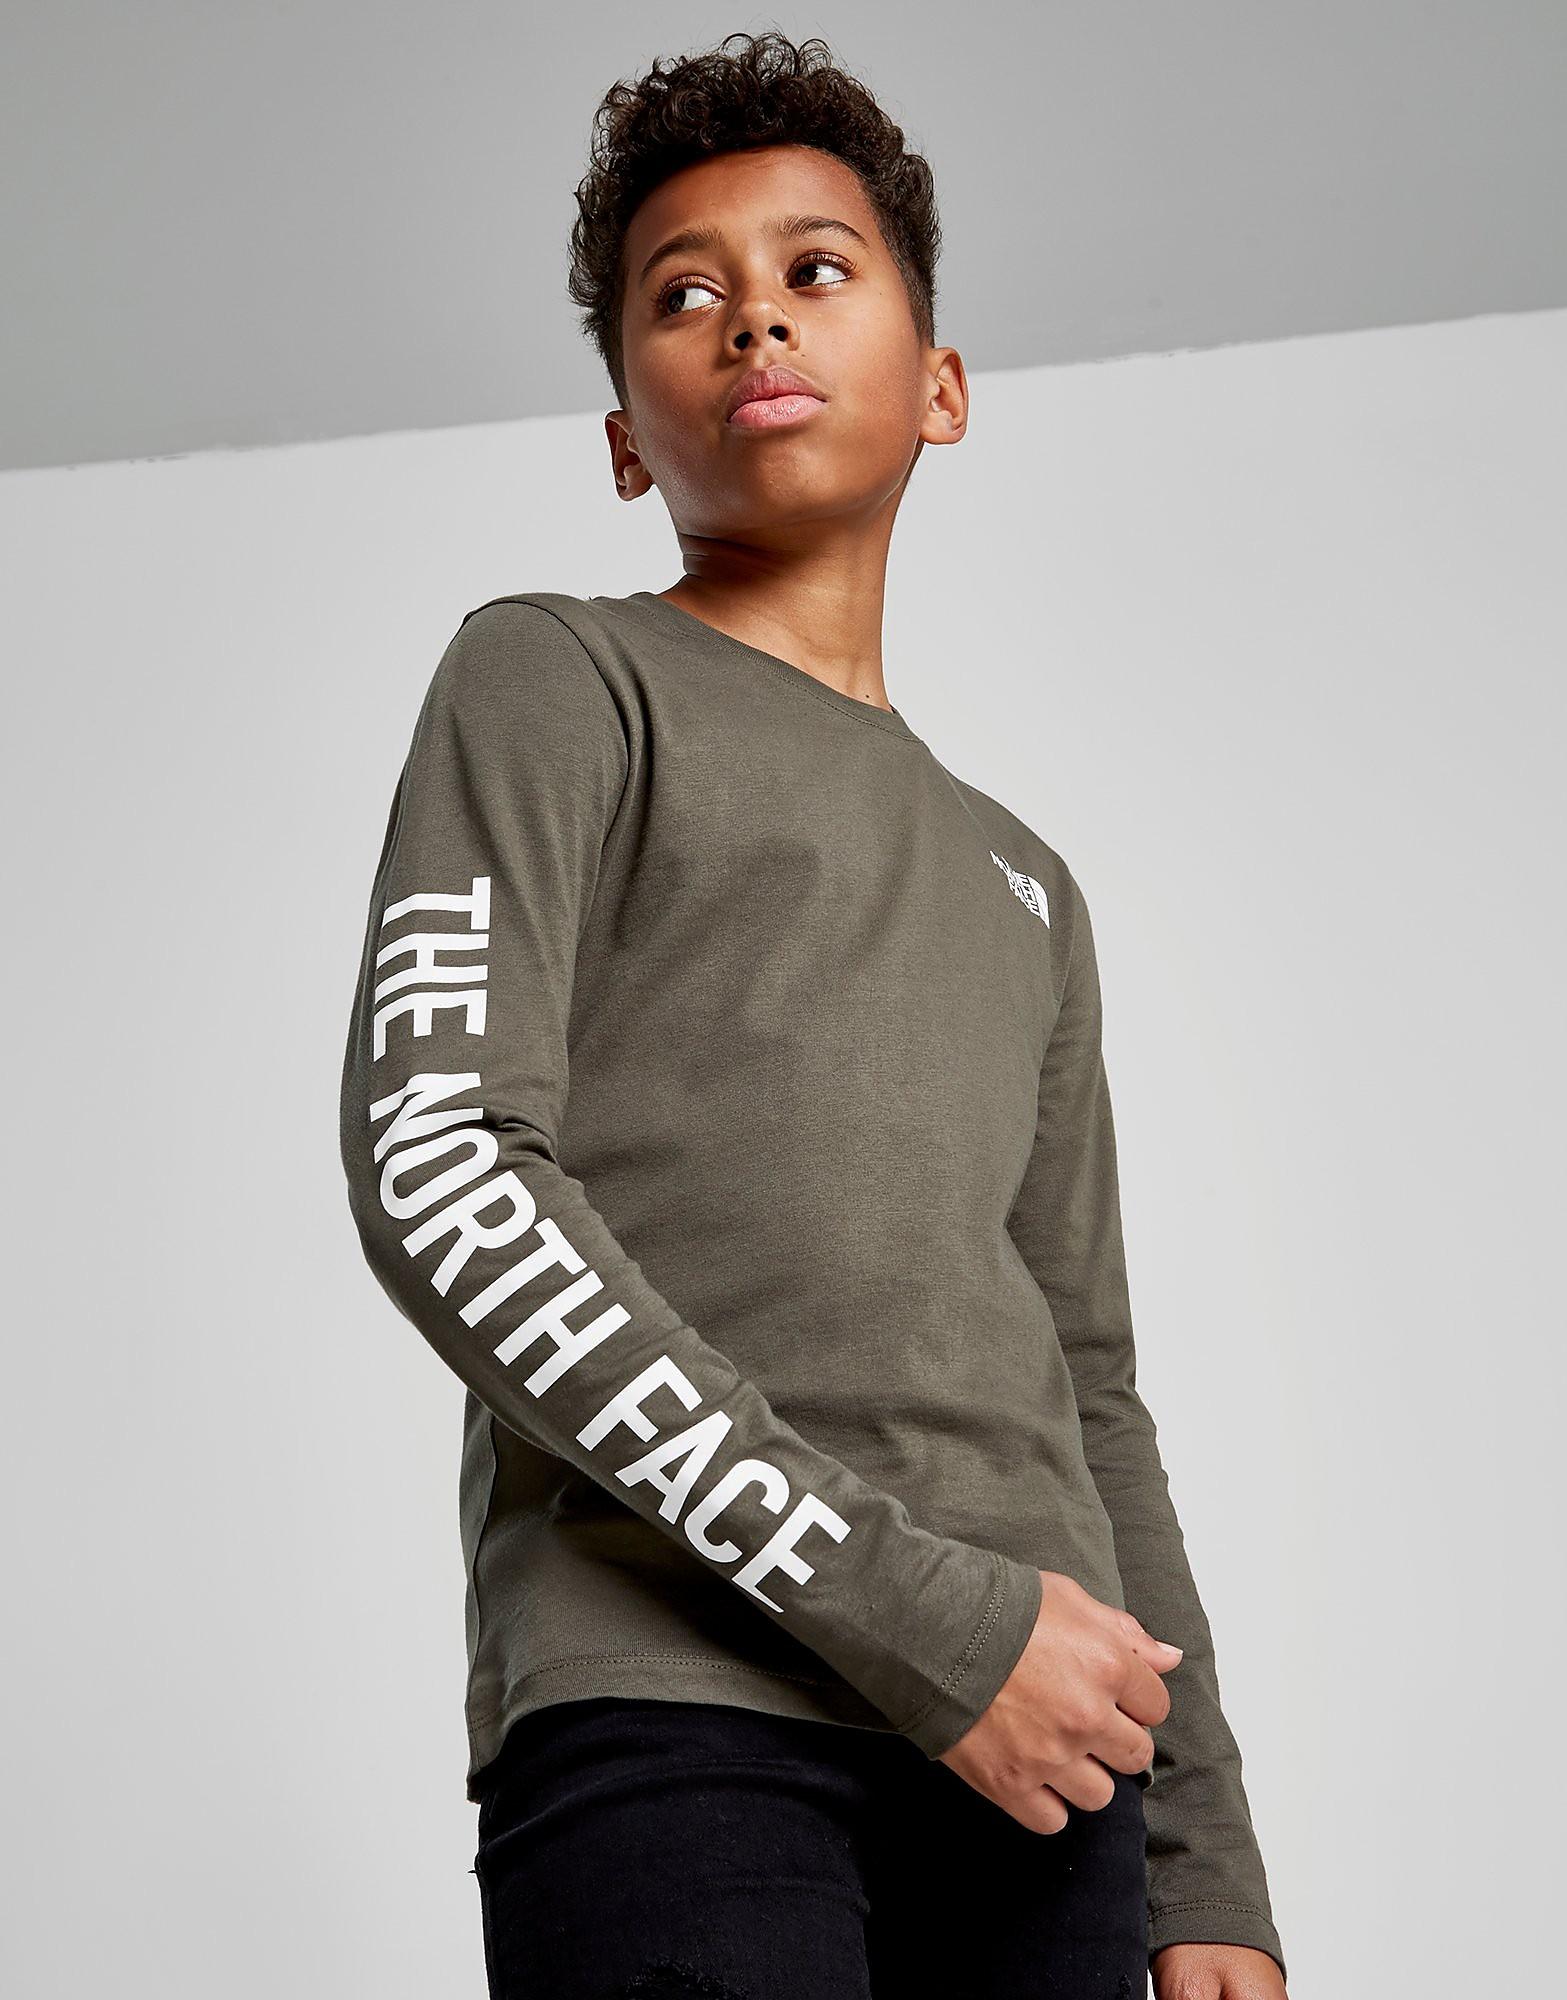 The North Face Long Sleeve T-Shirt Junior - alleen bij JD - Groen - Kind